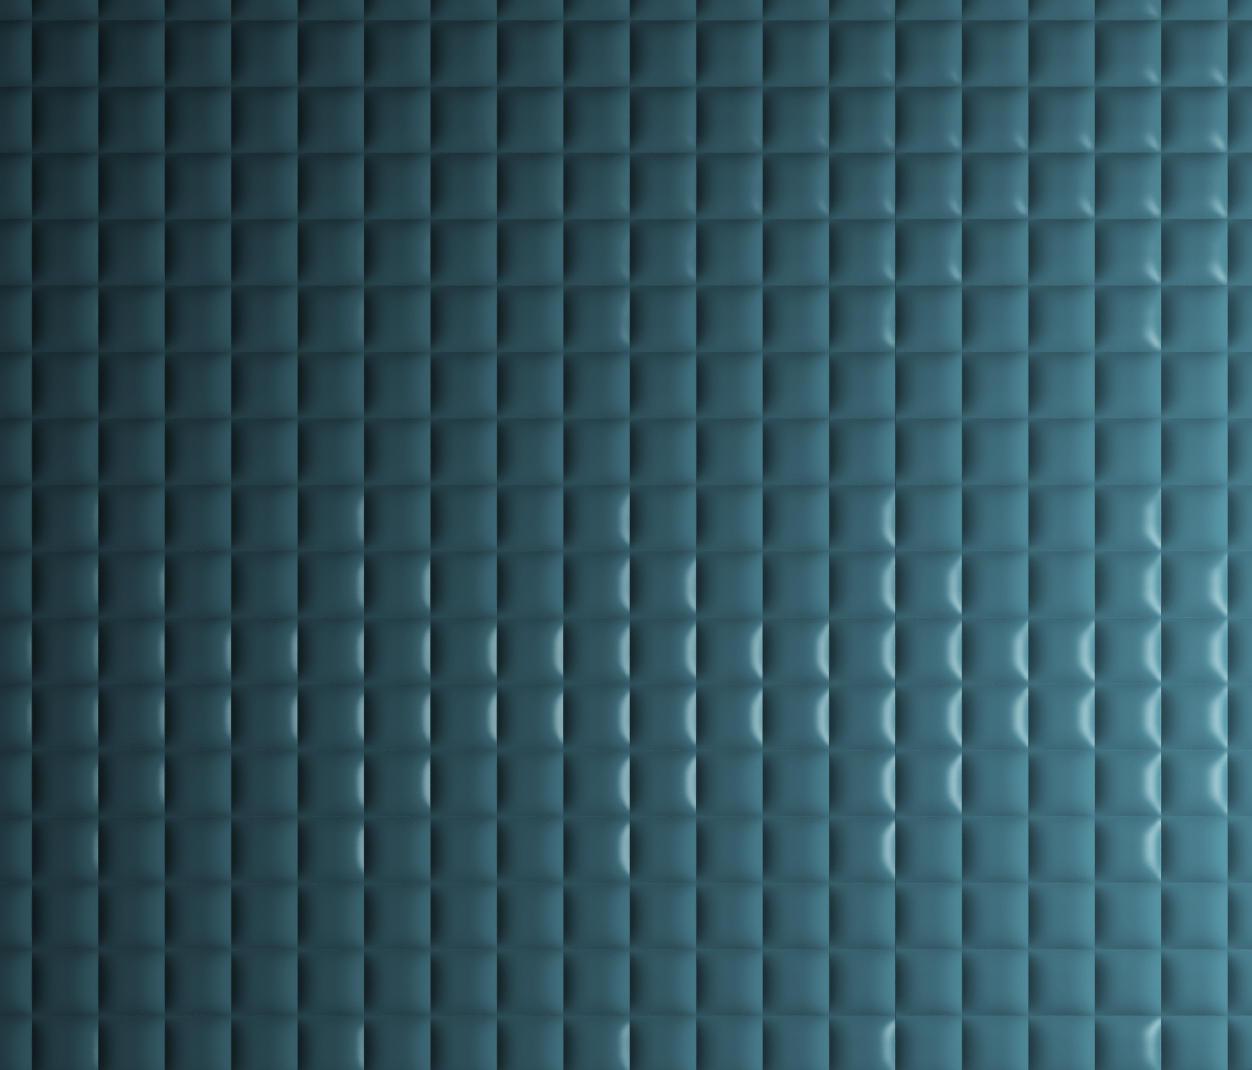 Trapuntino pannelli per pareti 3d surface architonic - Tavole adesive per pareti 3d ...